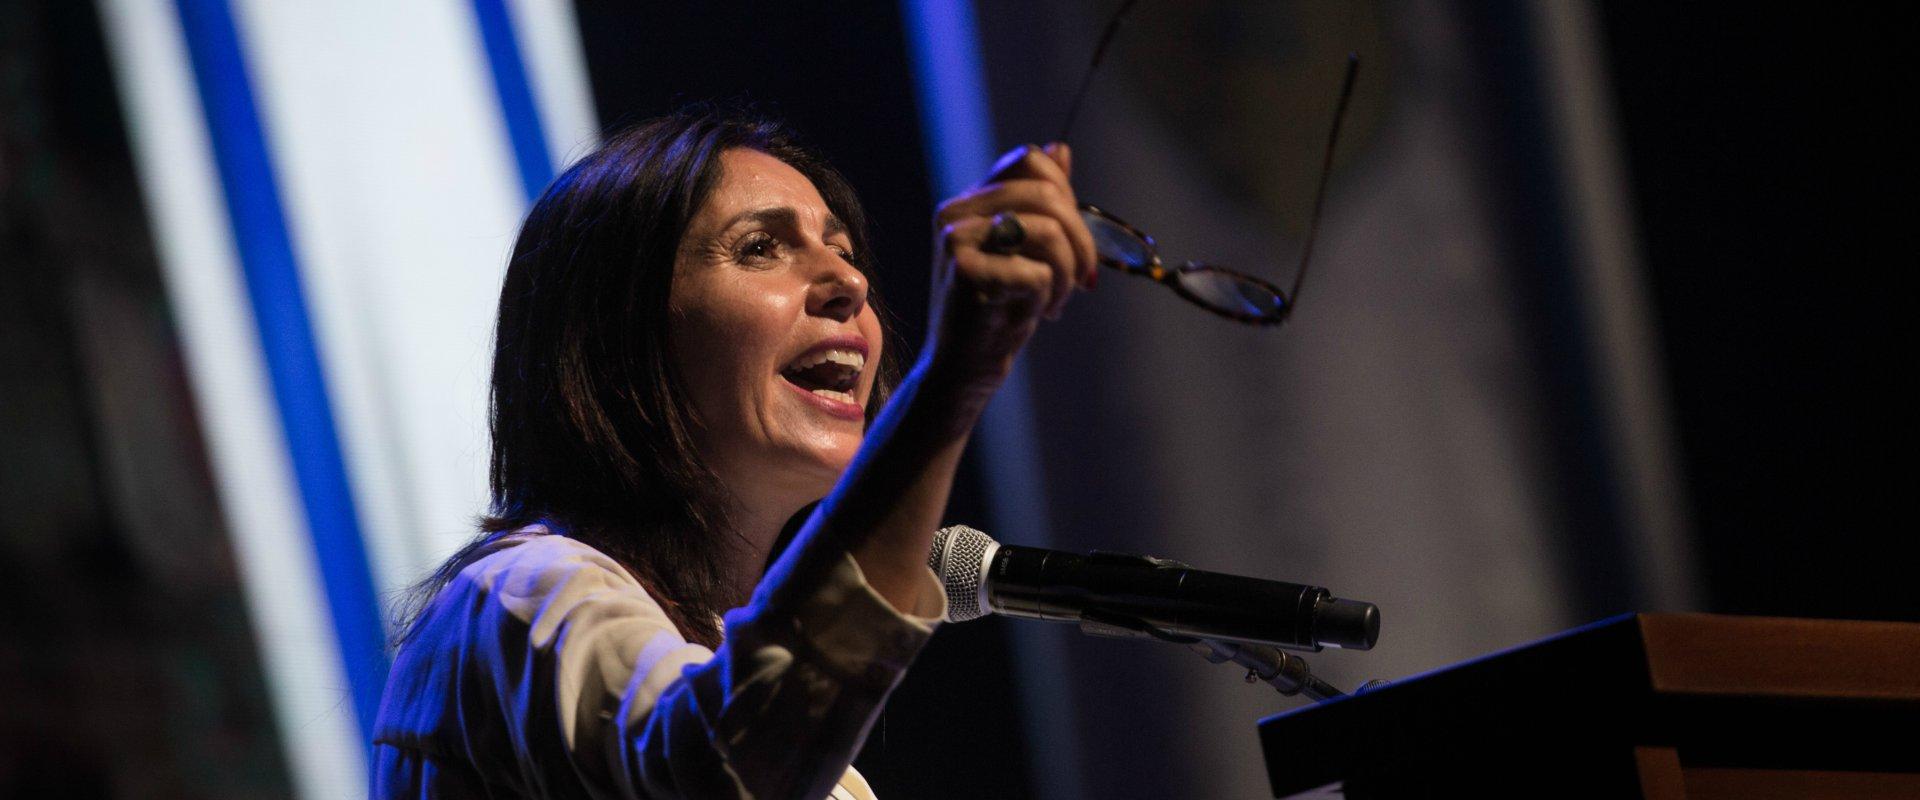 מירי רגב בטקס סליחות בירושלים